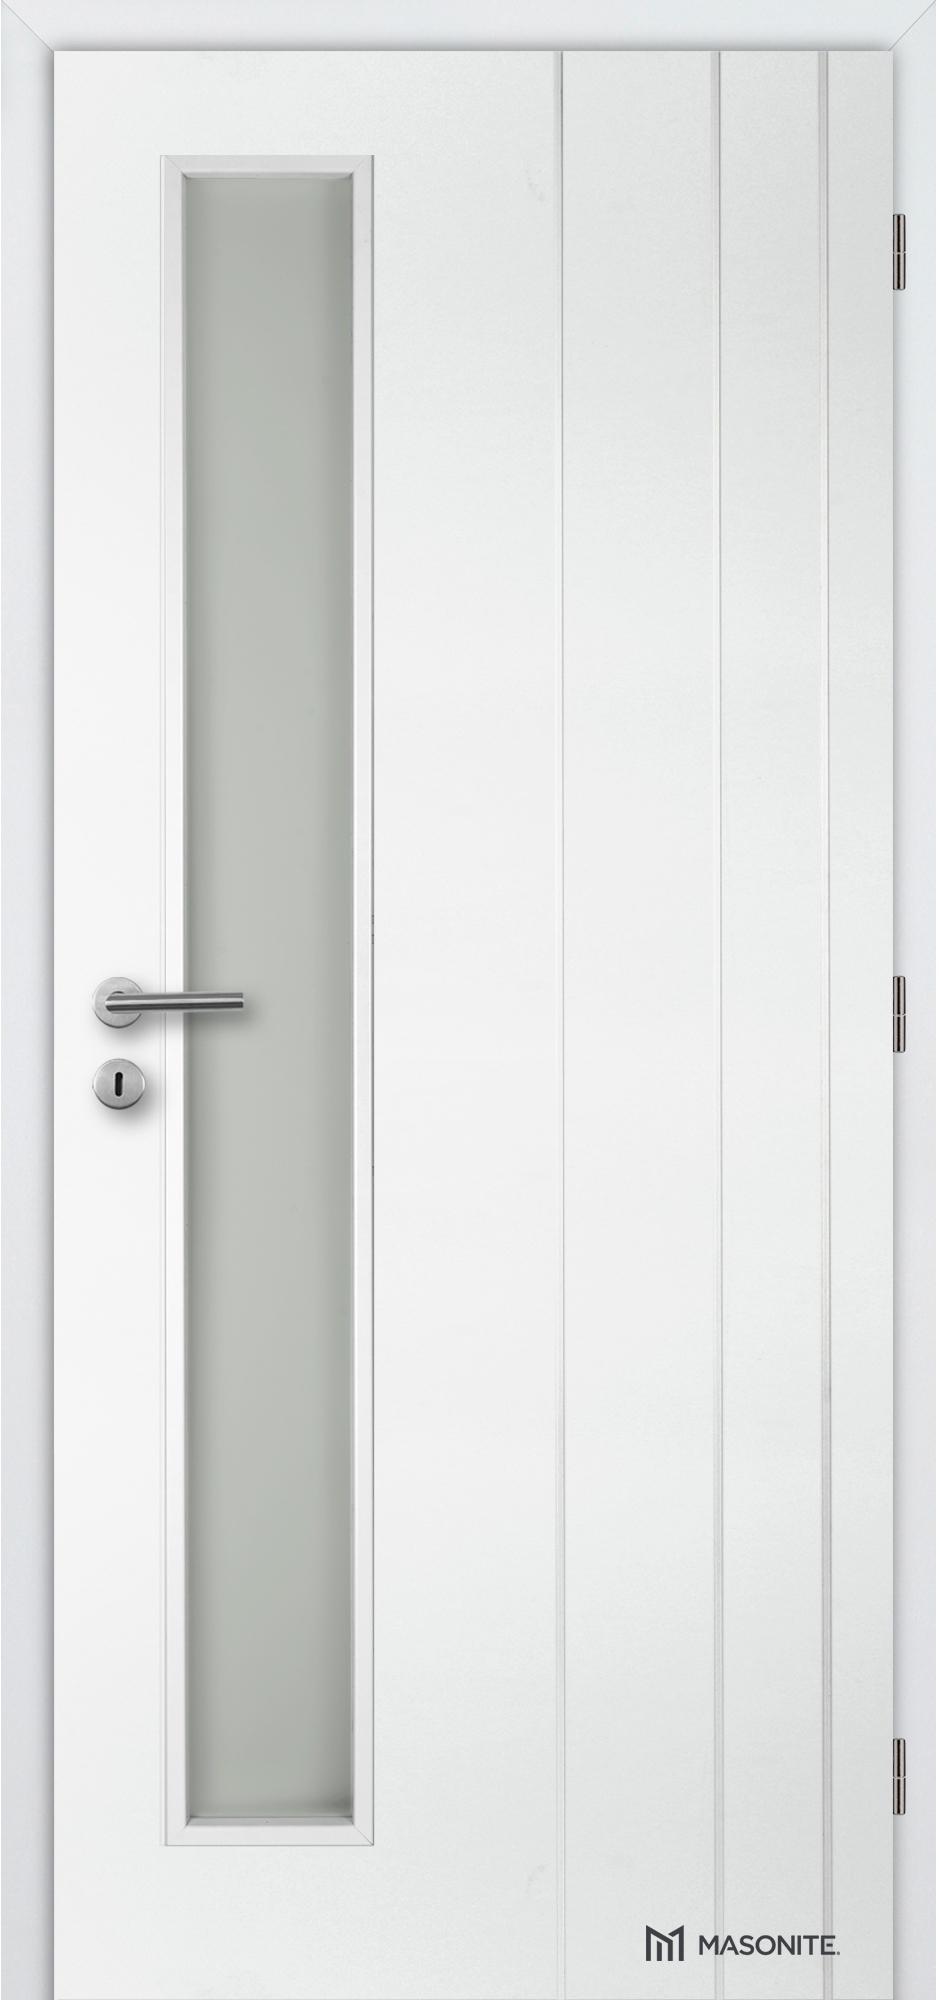 Interiérové dveře Masonite - Bordeaux Vertika